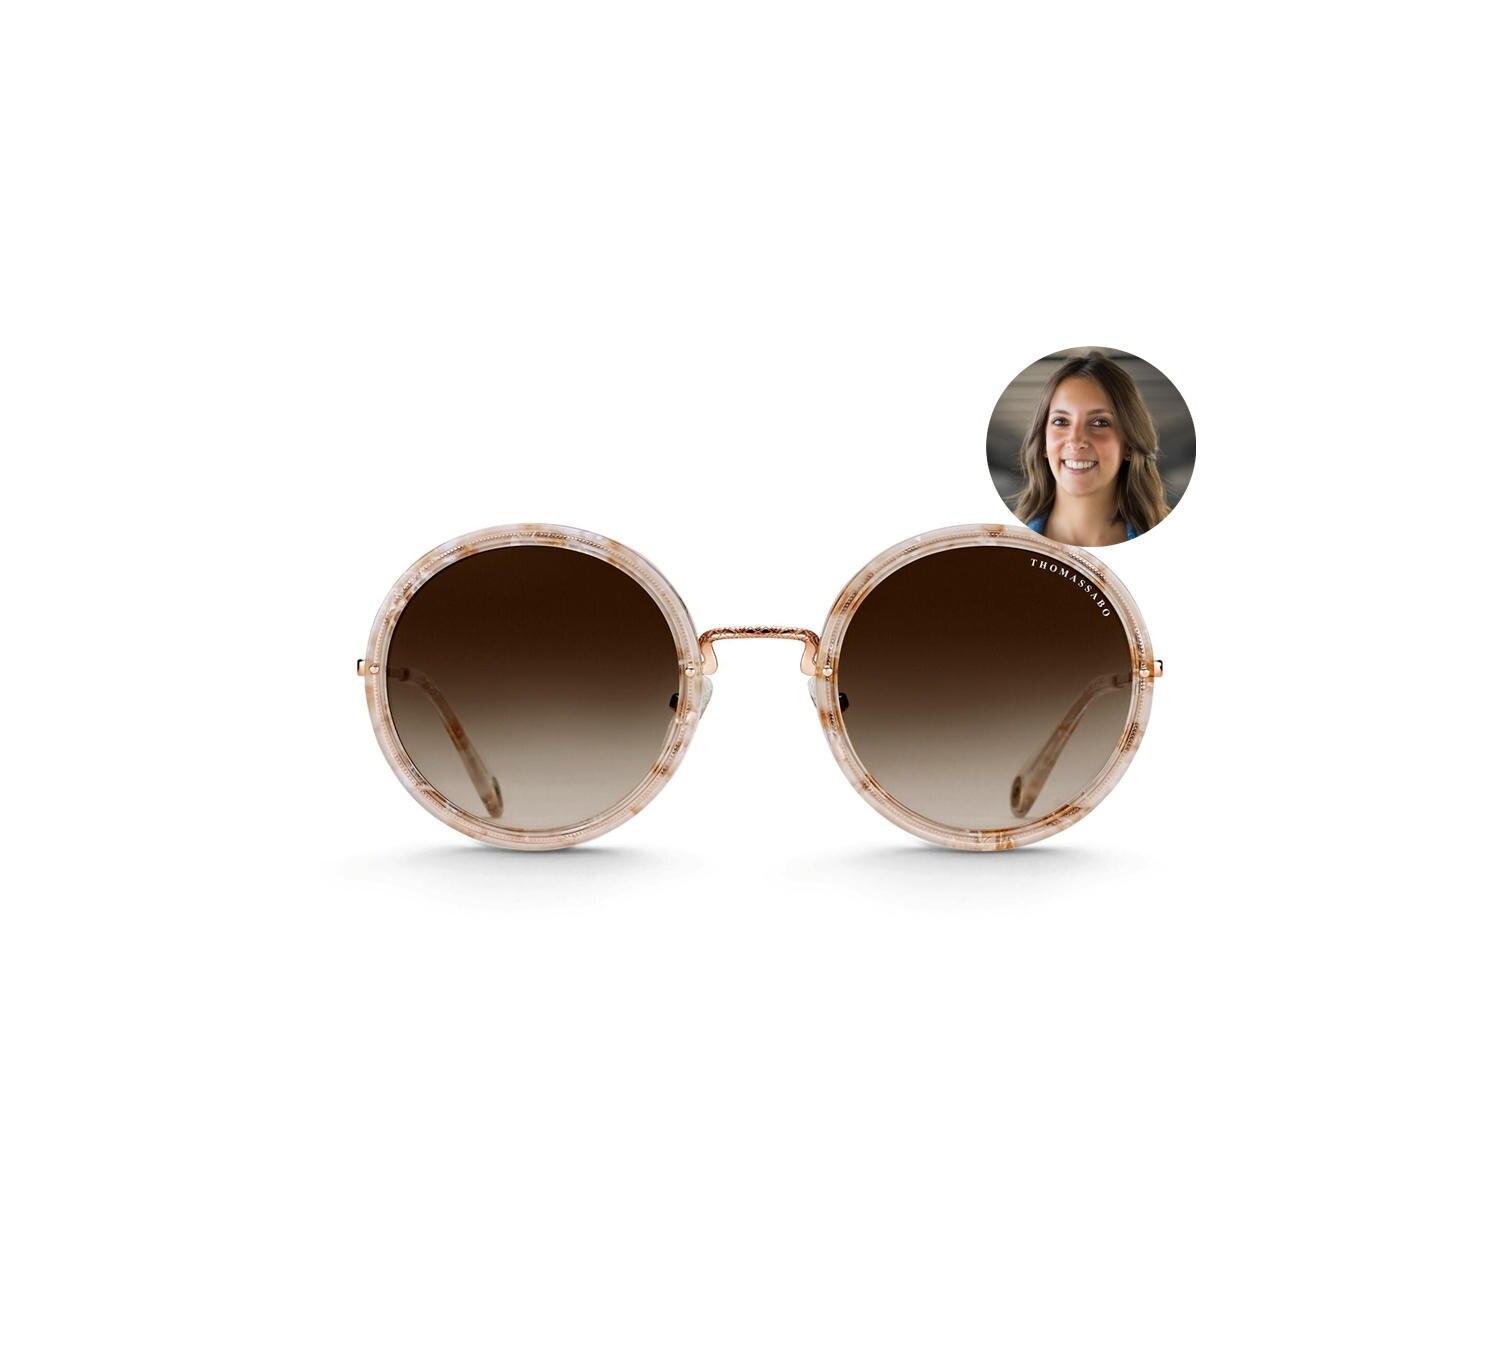 Oversized ist Trend: Redakteurin Jessica testet die Romy-Ethno-Sonnenbrille von Thomas Sabo.